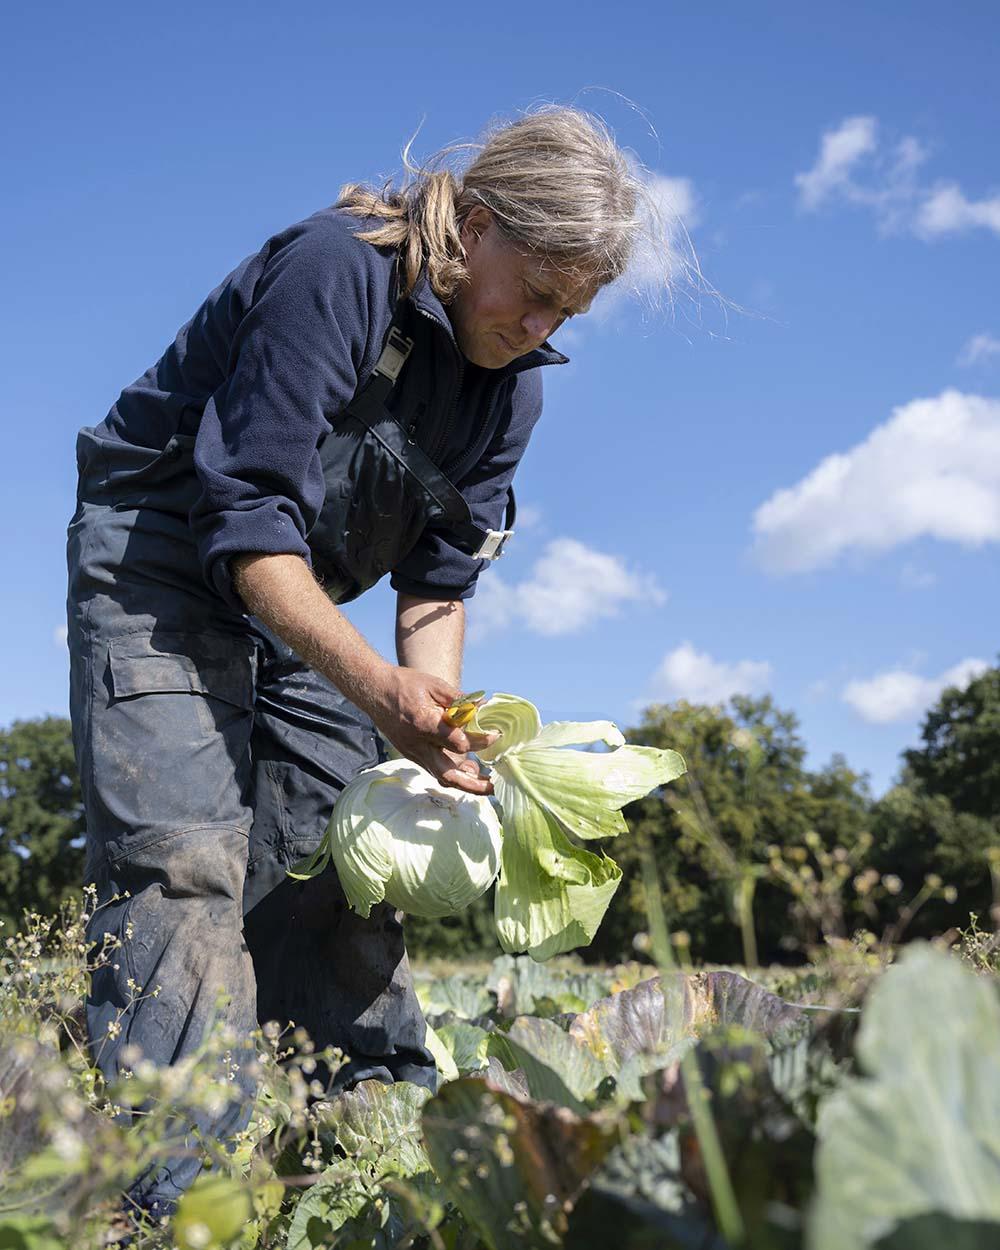 Ein Landwirt erntet im September Weißkohl auf dem Feld